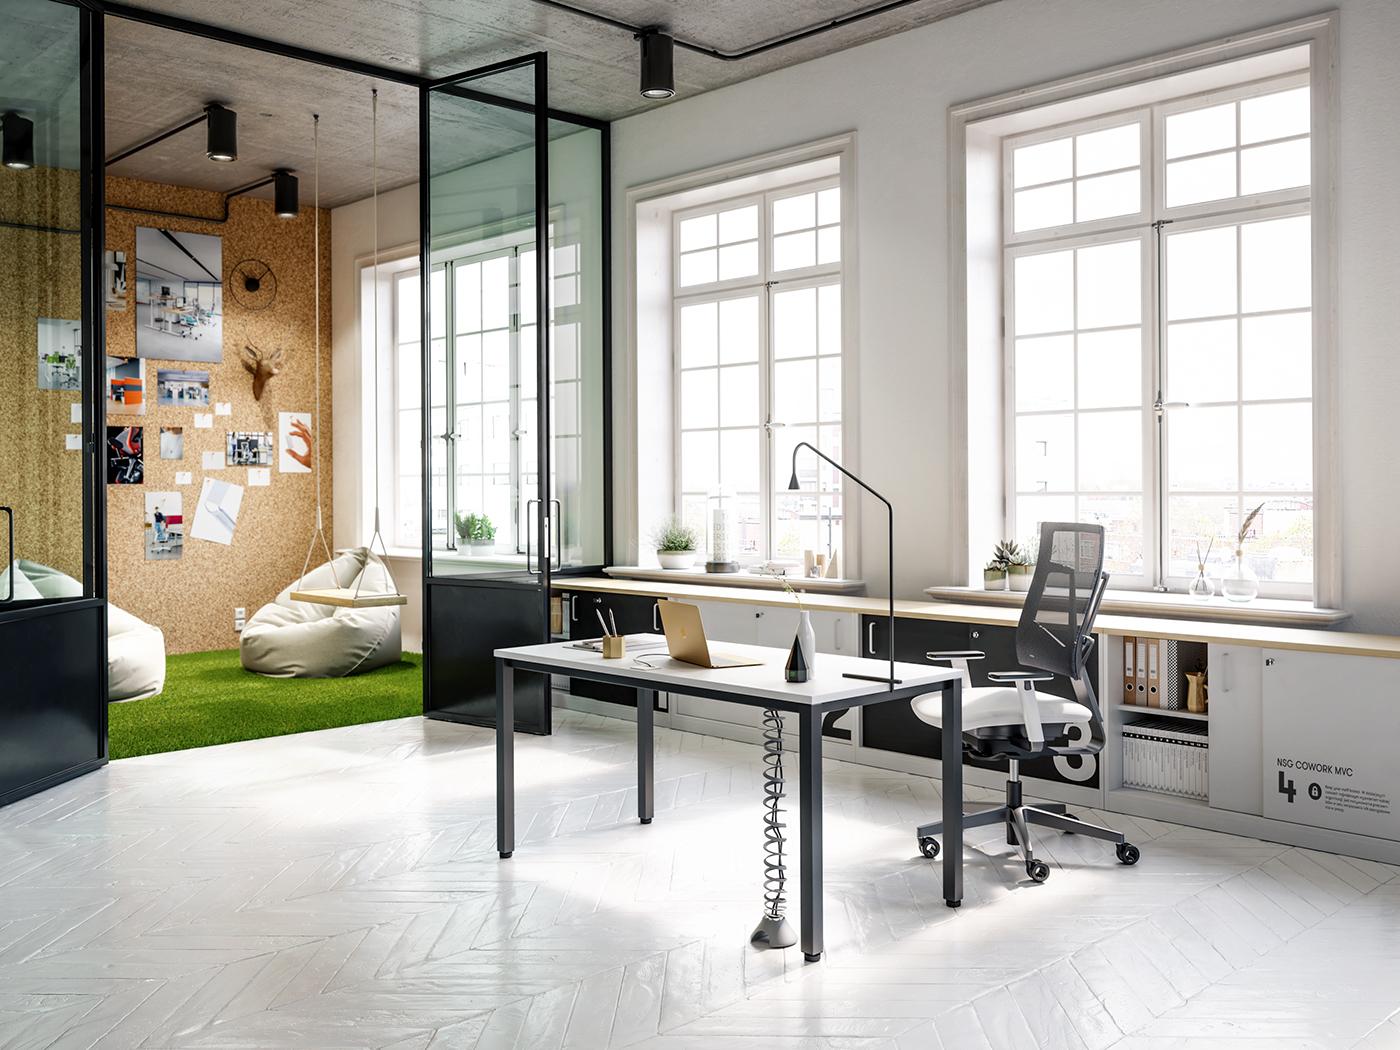 有創意感的25款辦公室擺設欣賞